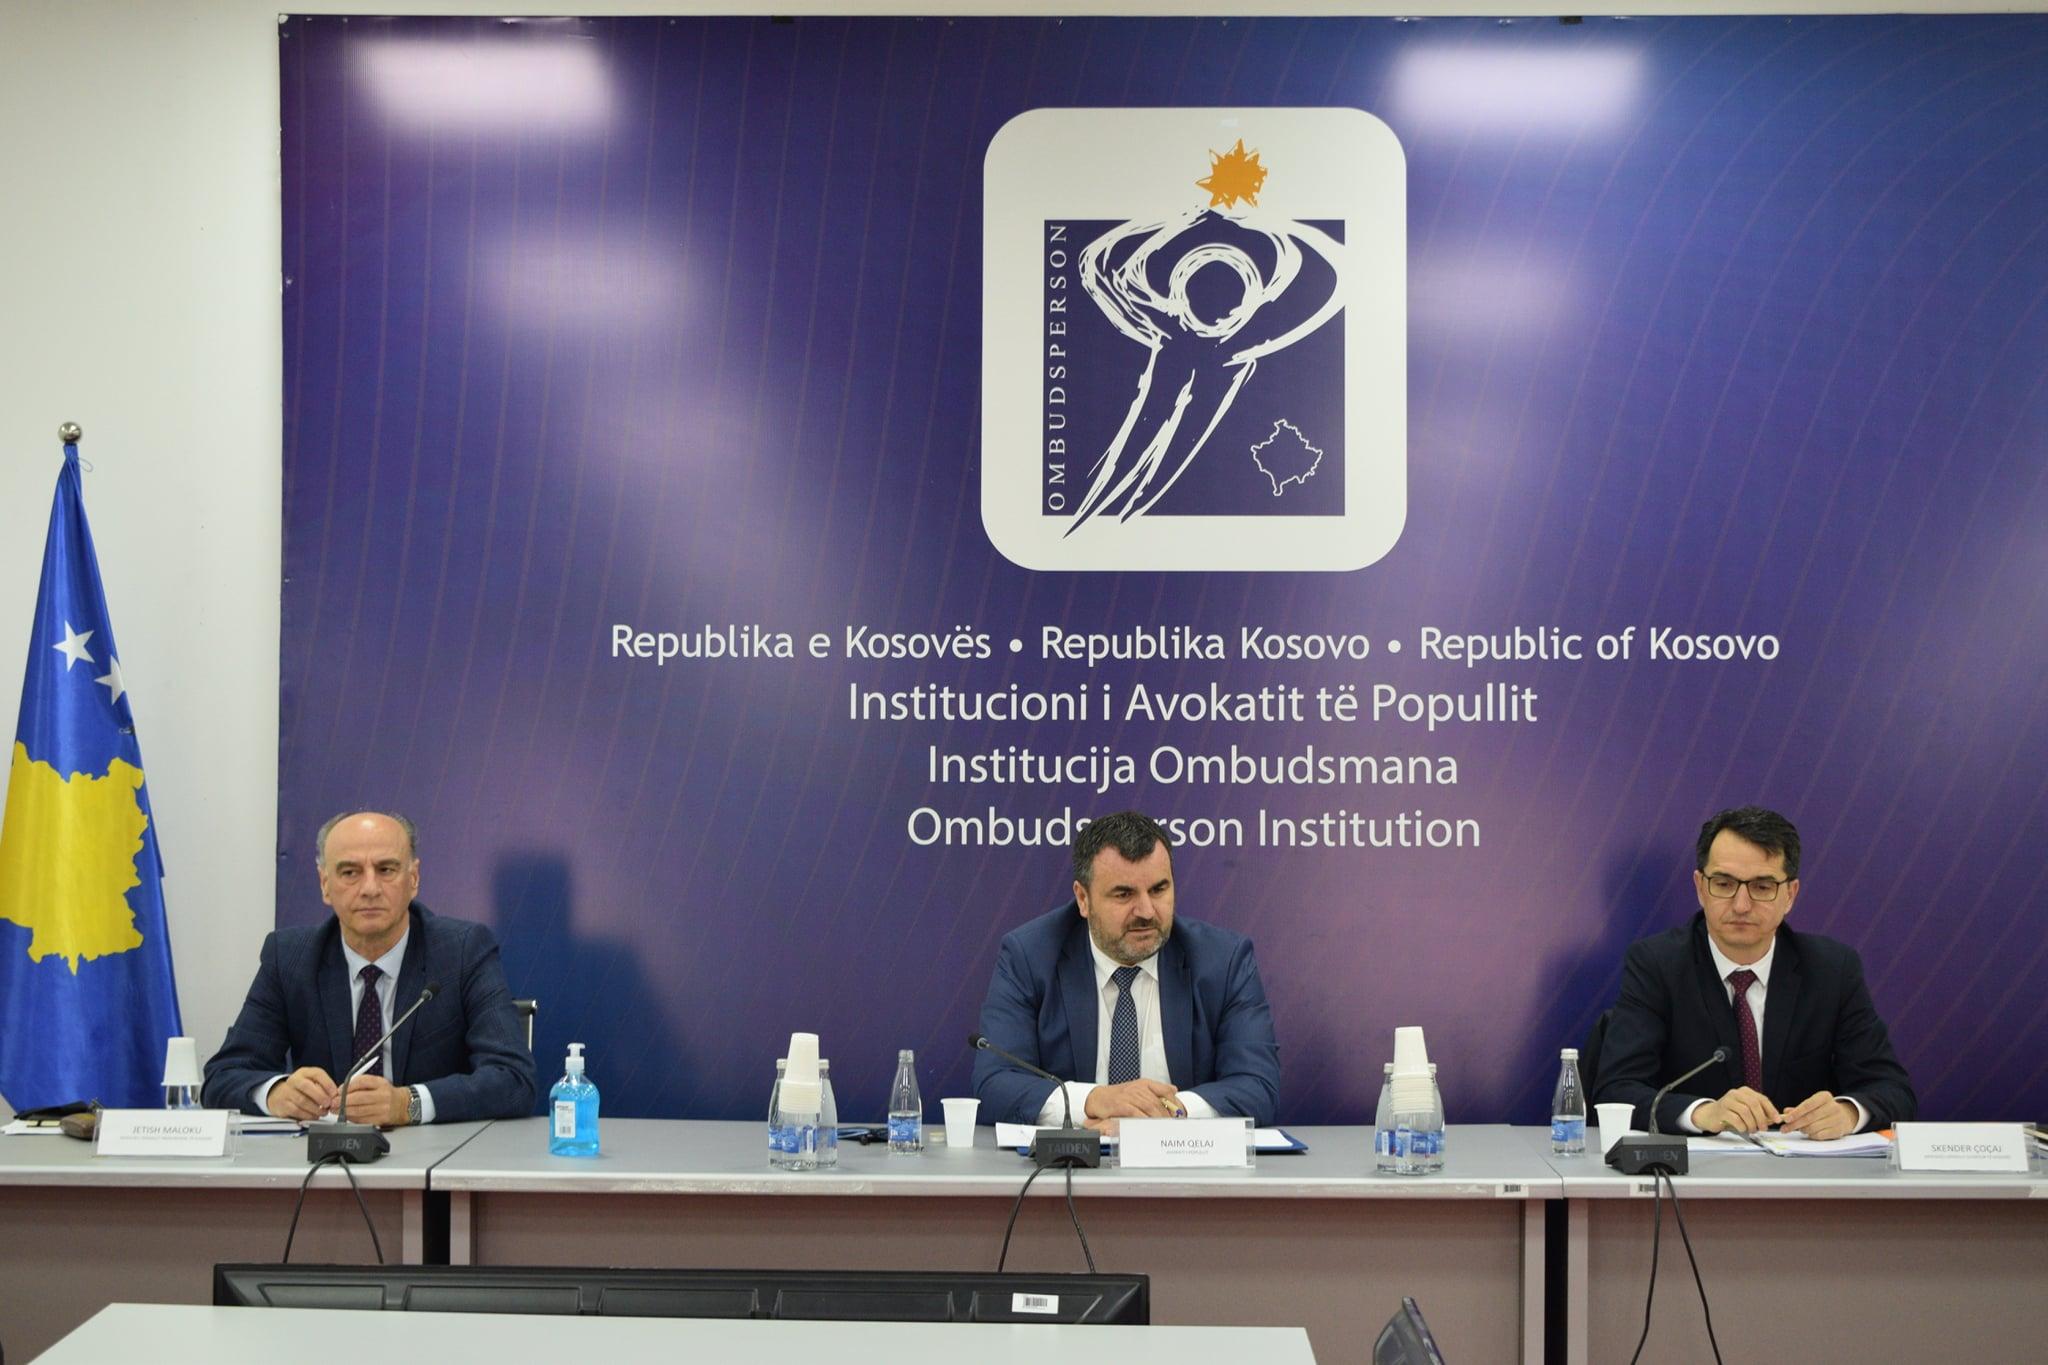 Çoçaj prisustvuje zajedničkom sastanku SSK-a, TSK-a i institucije Ombudsmana